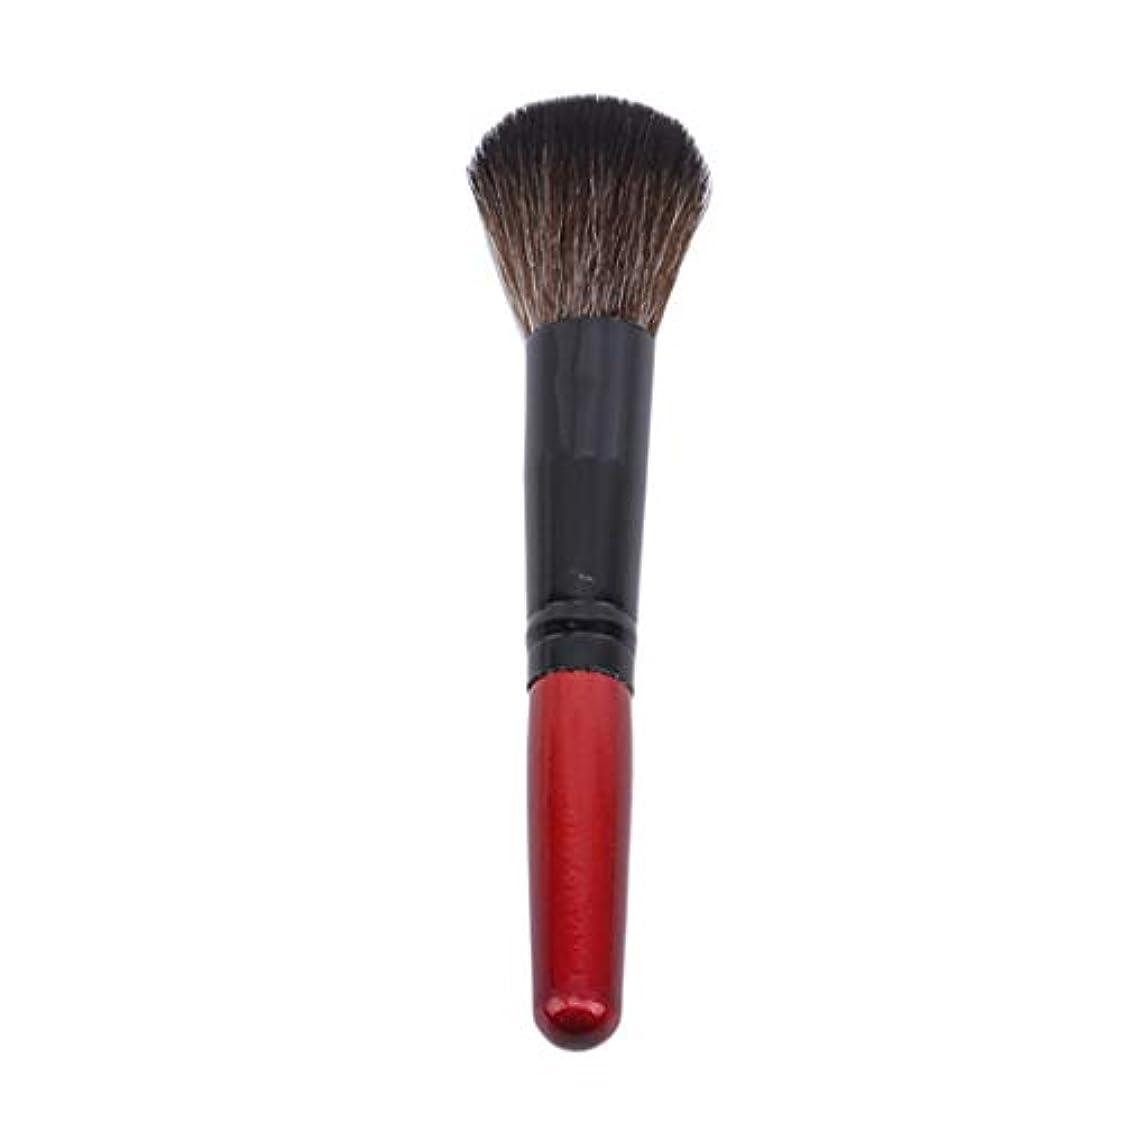 締めるスタンドアシュリータファーマンUnderleaf 1ピース木製ハンドルファンデーションブラシ化粧品メイクブラシパウダーコンシーラーブラッシュリキッドメイクアップブラシ、赤